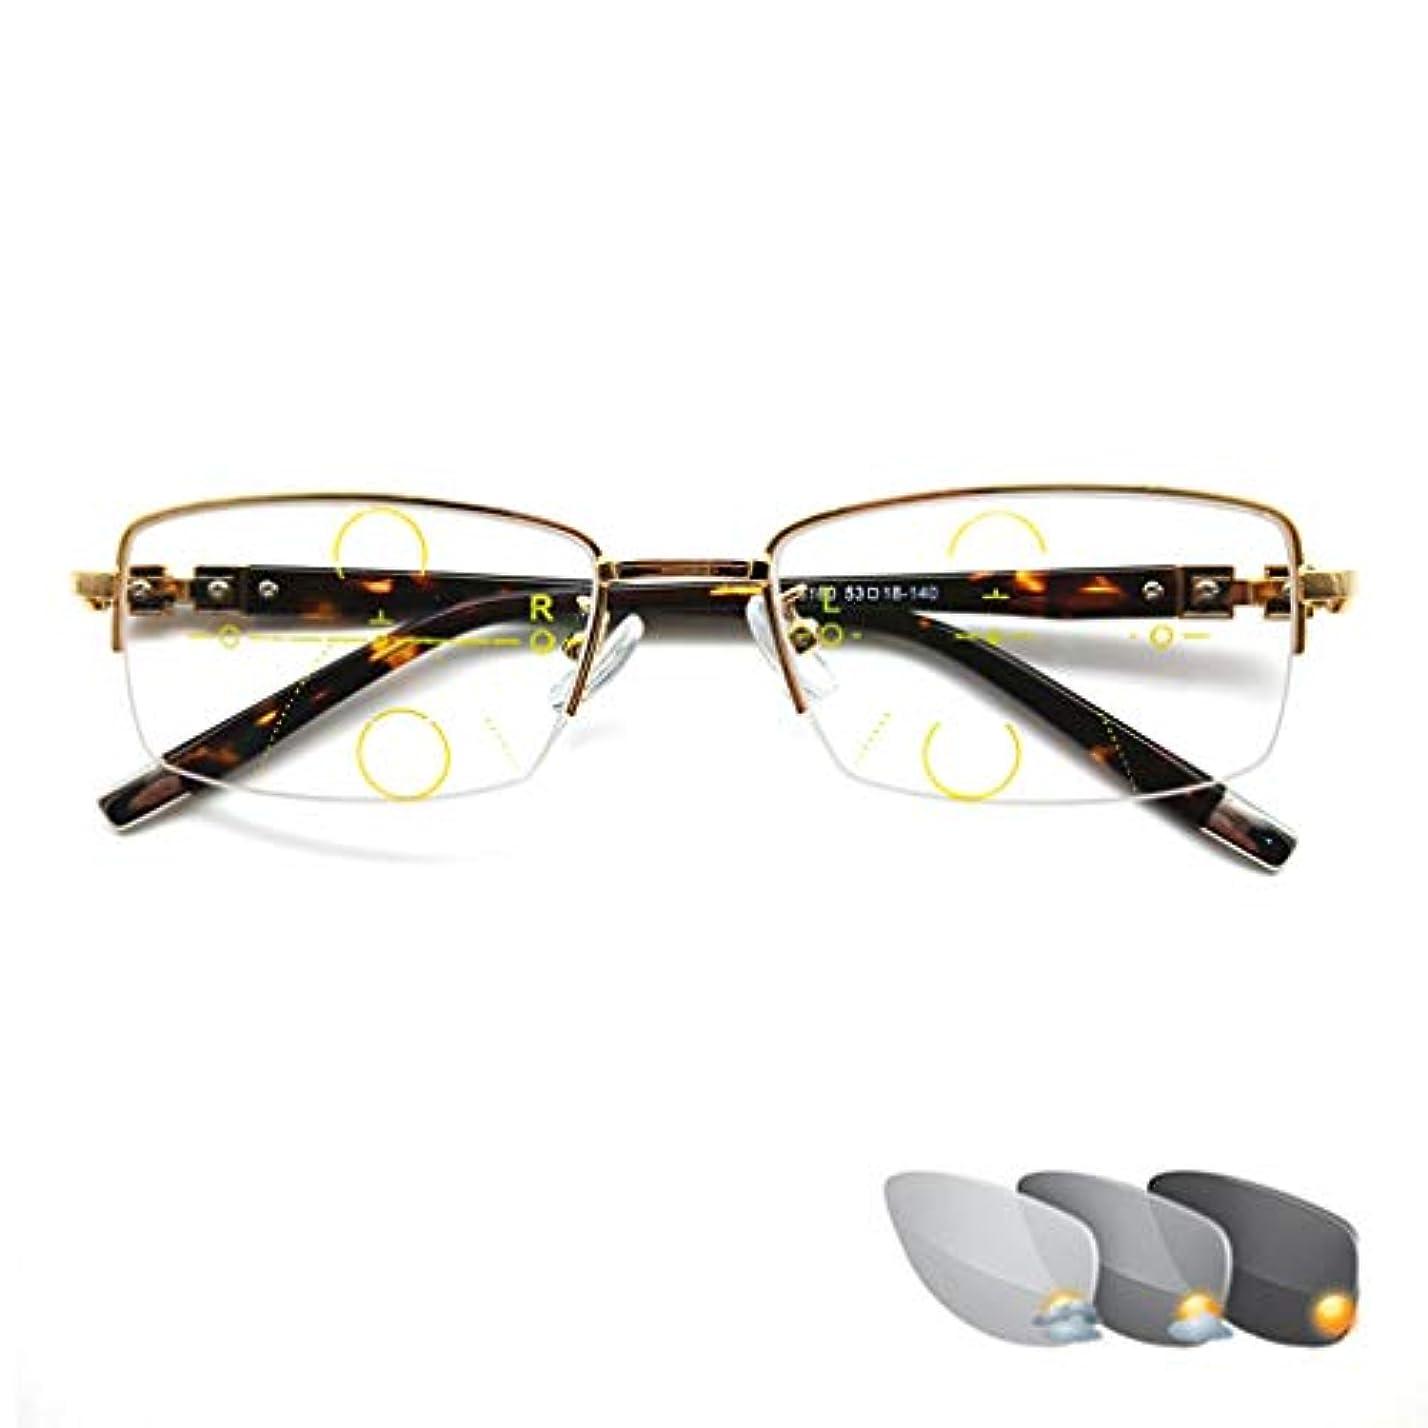 ステレオミリメートルあごひげ老眼鏡 老眼鏡、フォトクロミックリーディンググラス、プログレッシブマルチフォーカスリーディンググラス、青色光遮断コンピューターリーディンググラス、レディメタルハーフリム遠近両用メガネ